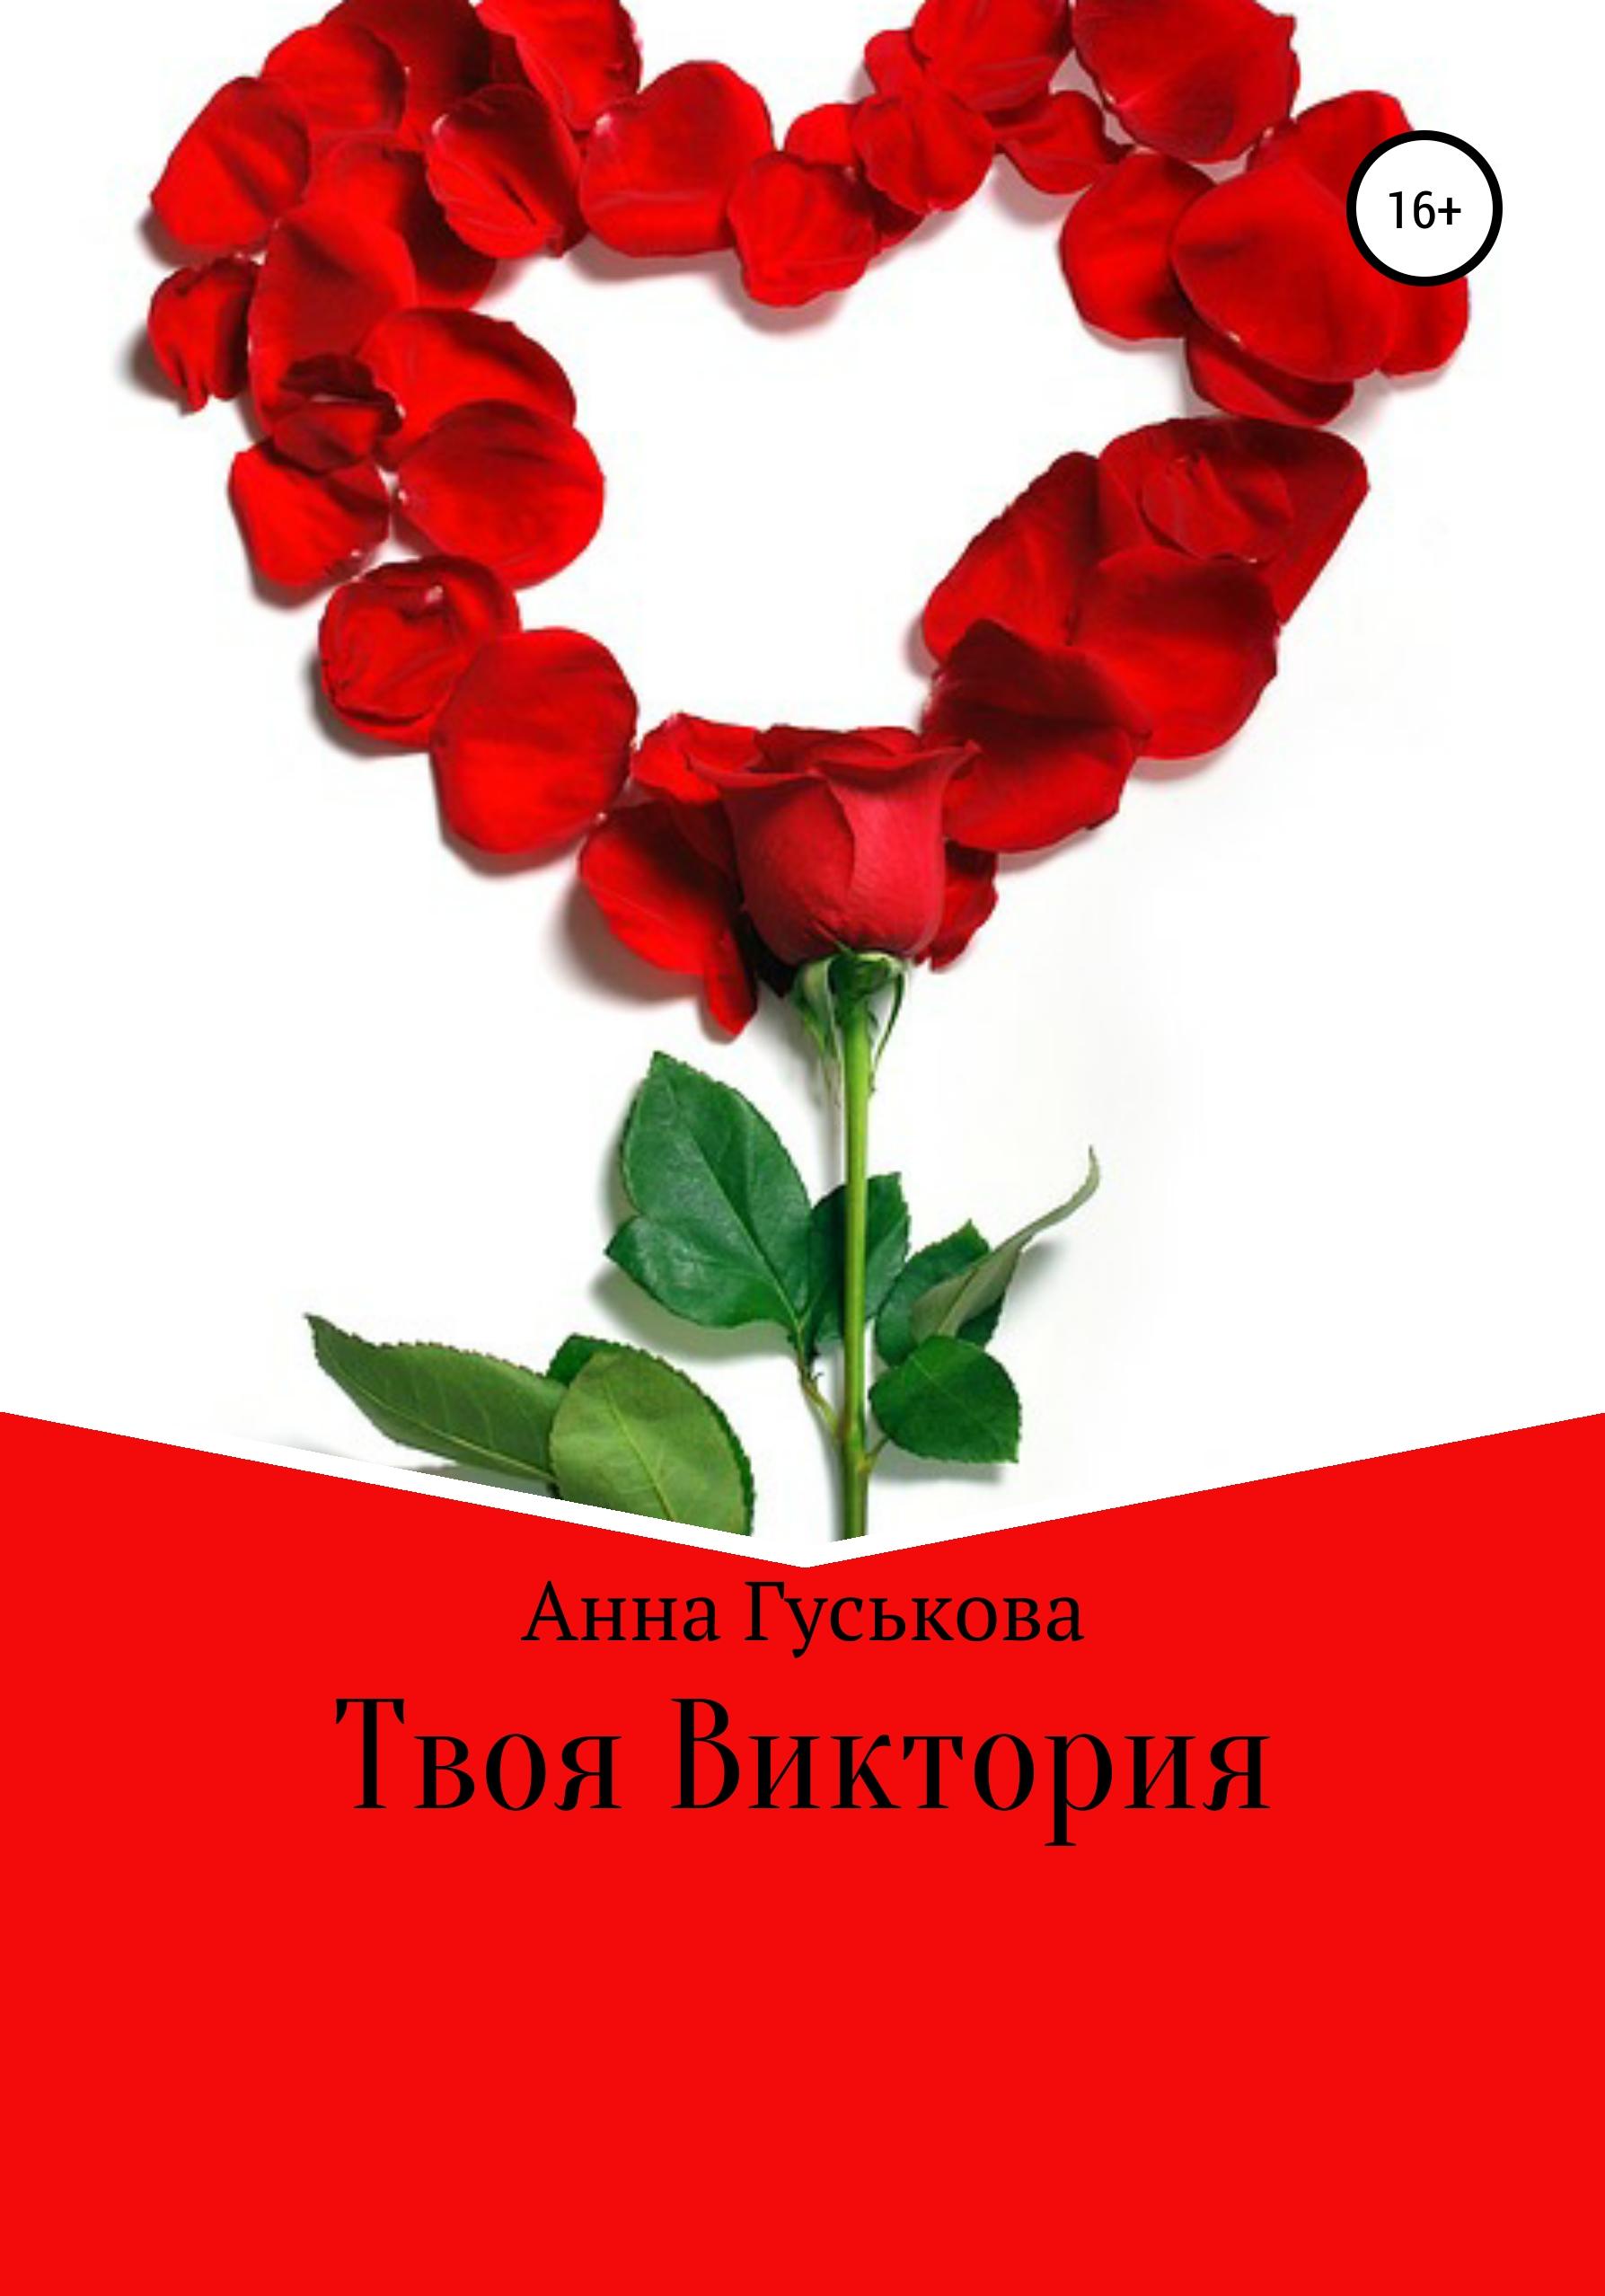 Анна Вячеславовна Гуськова Твоя Виктория